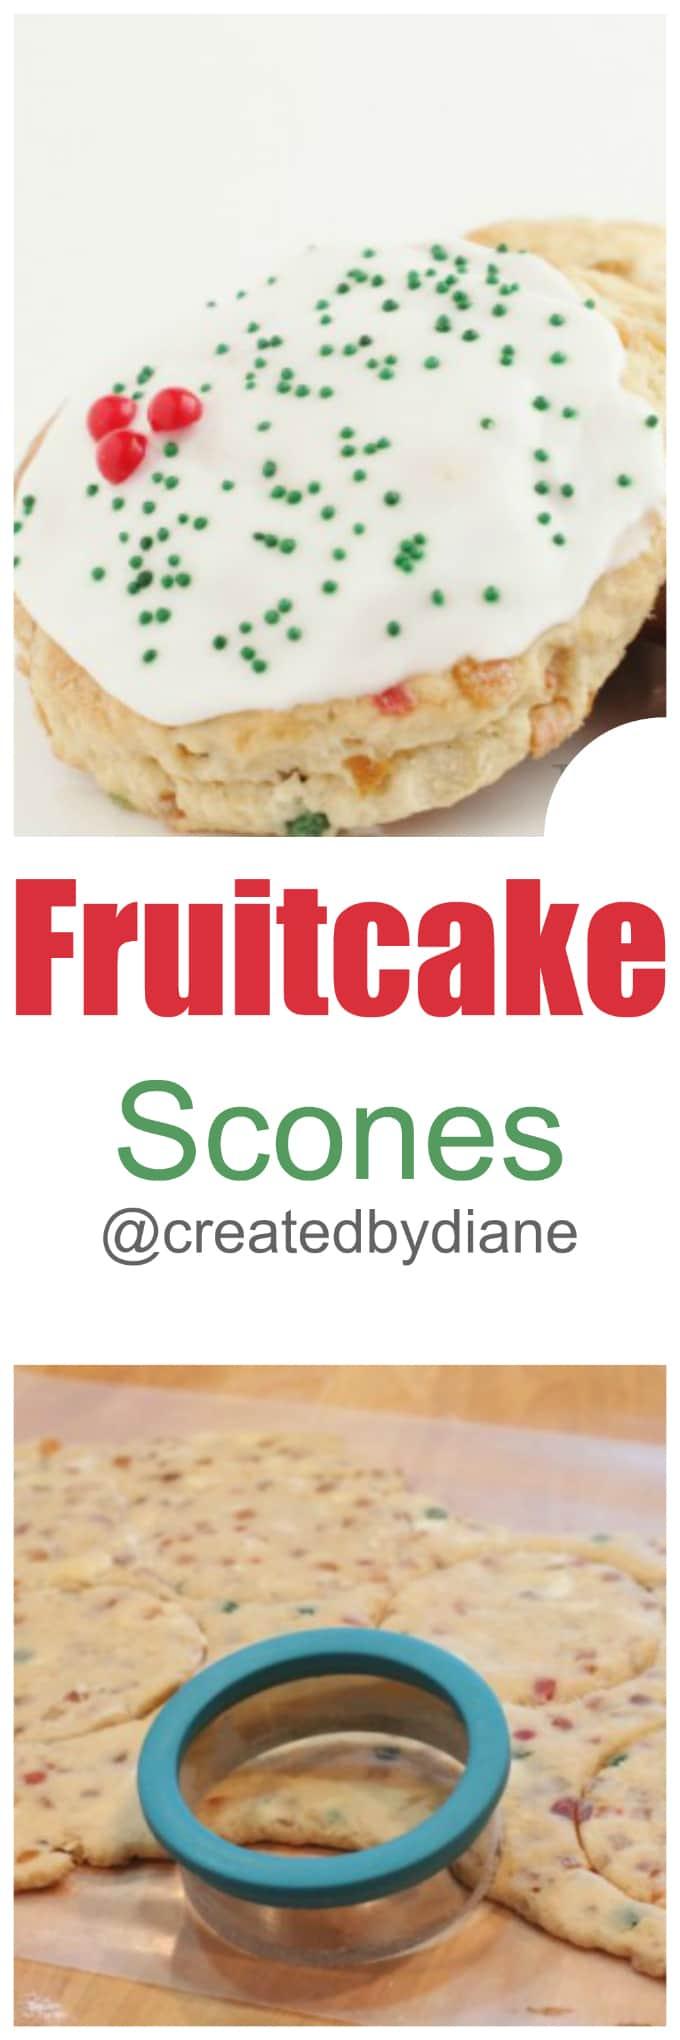 fruitcake-scones-createdbydiane